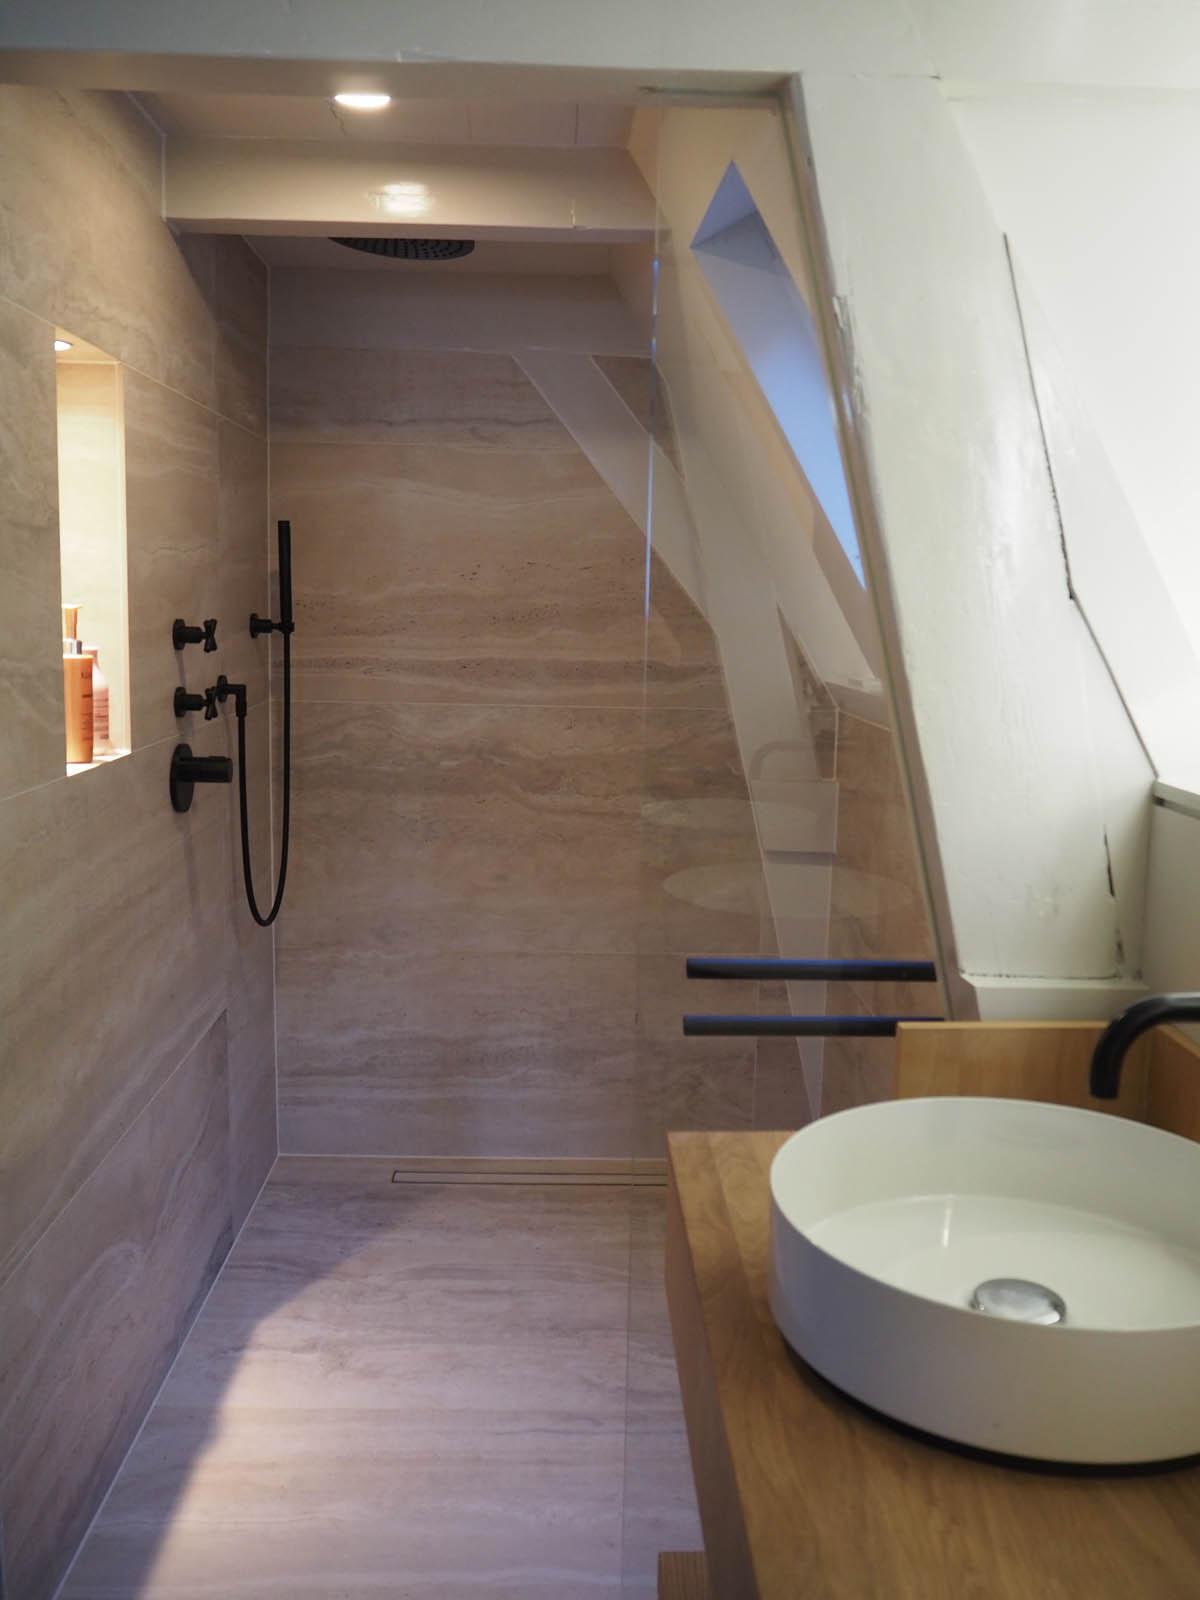 jordaan_amsterdam_grachtenpand_stair_shower_jeroen_de_nijs_bni